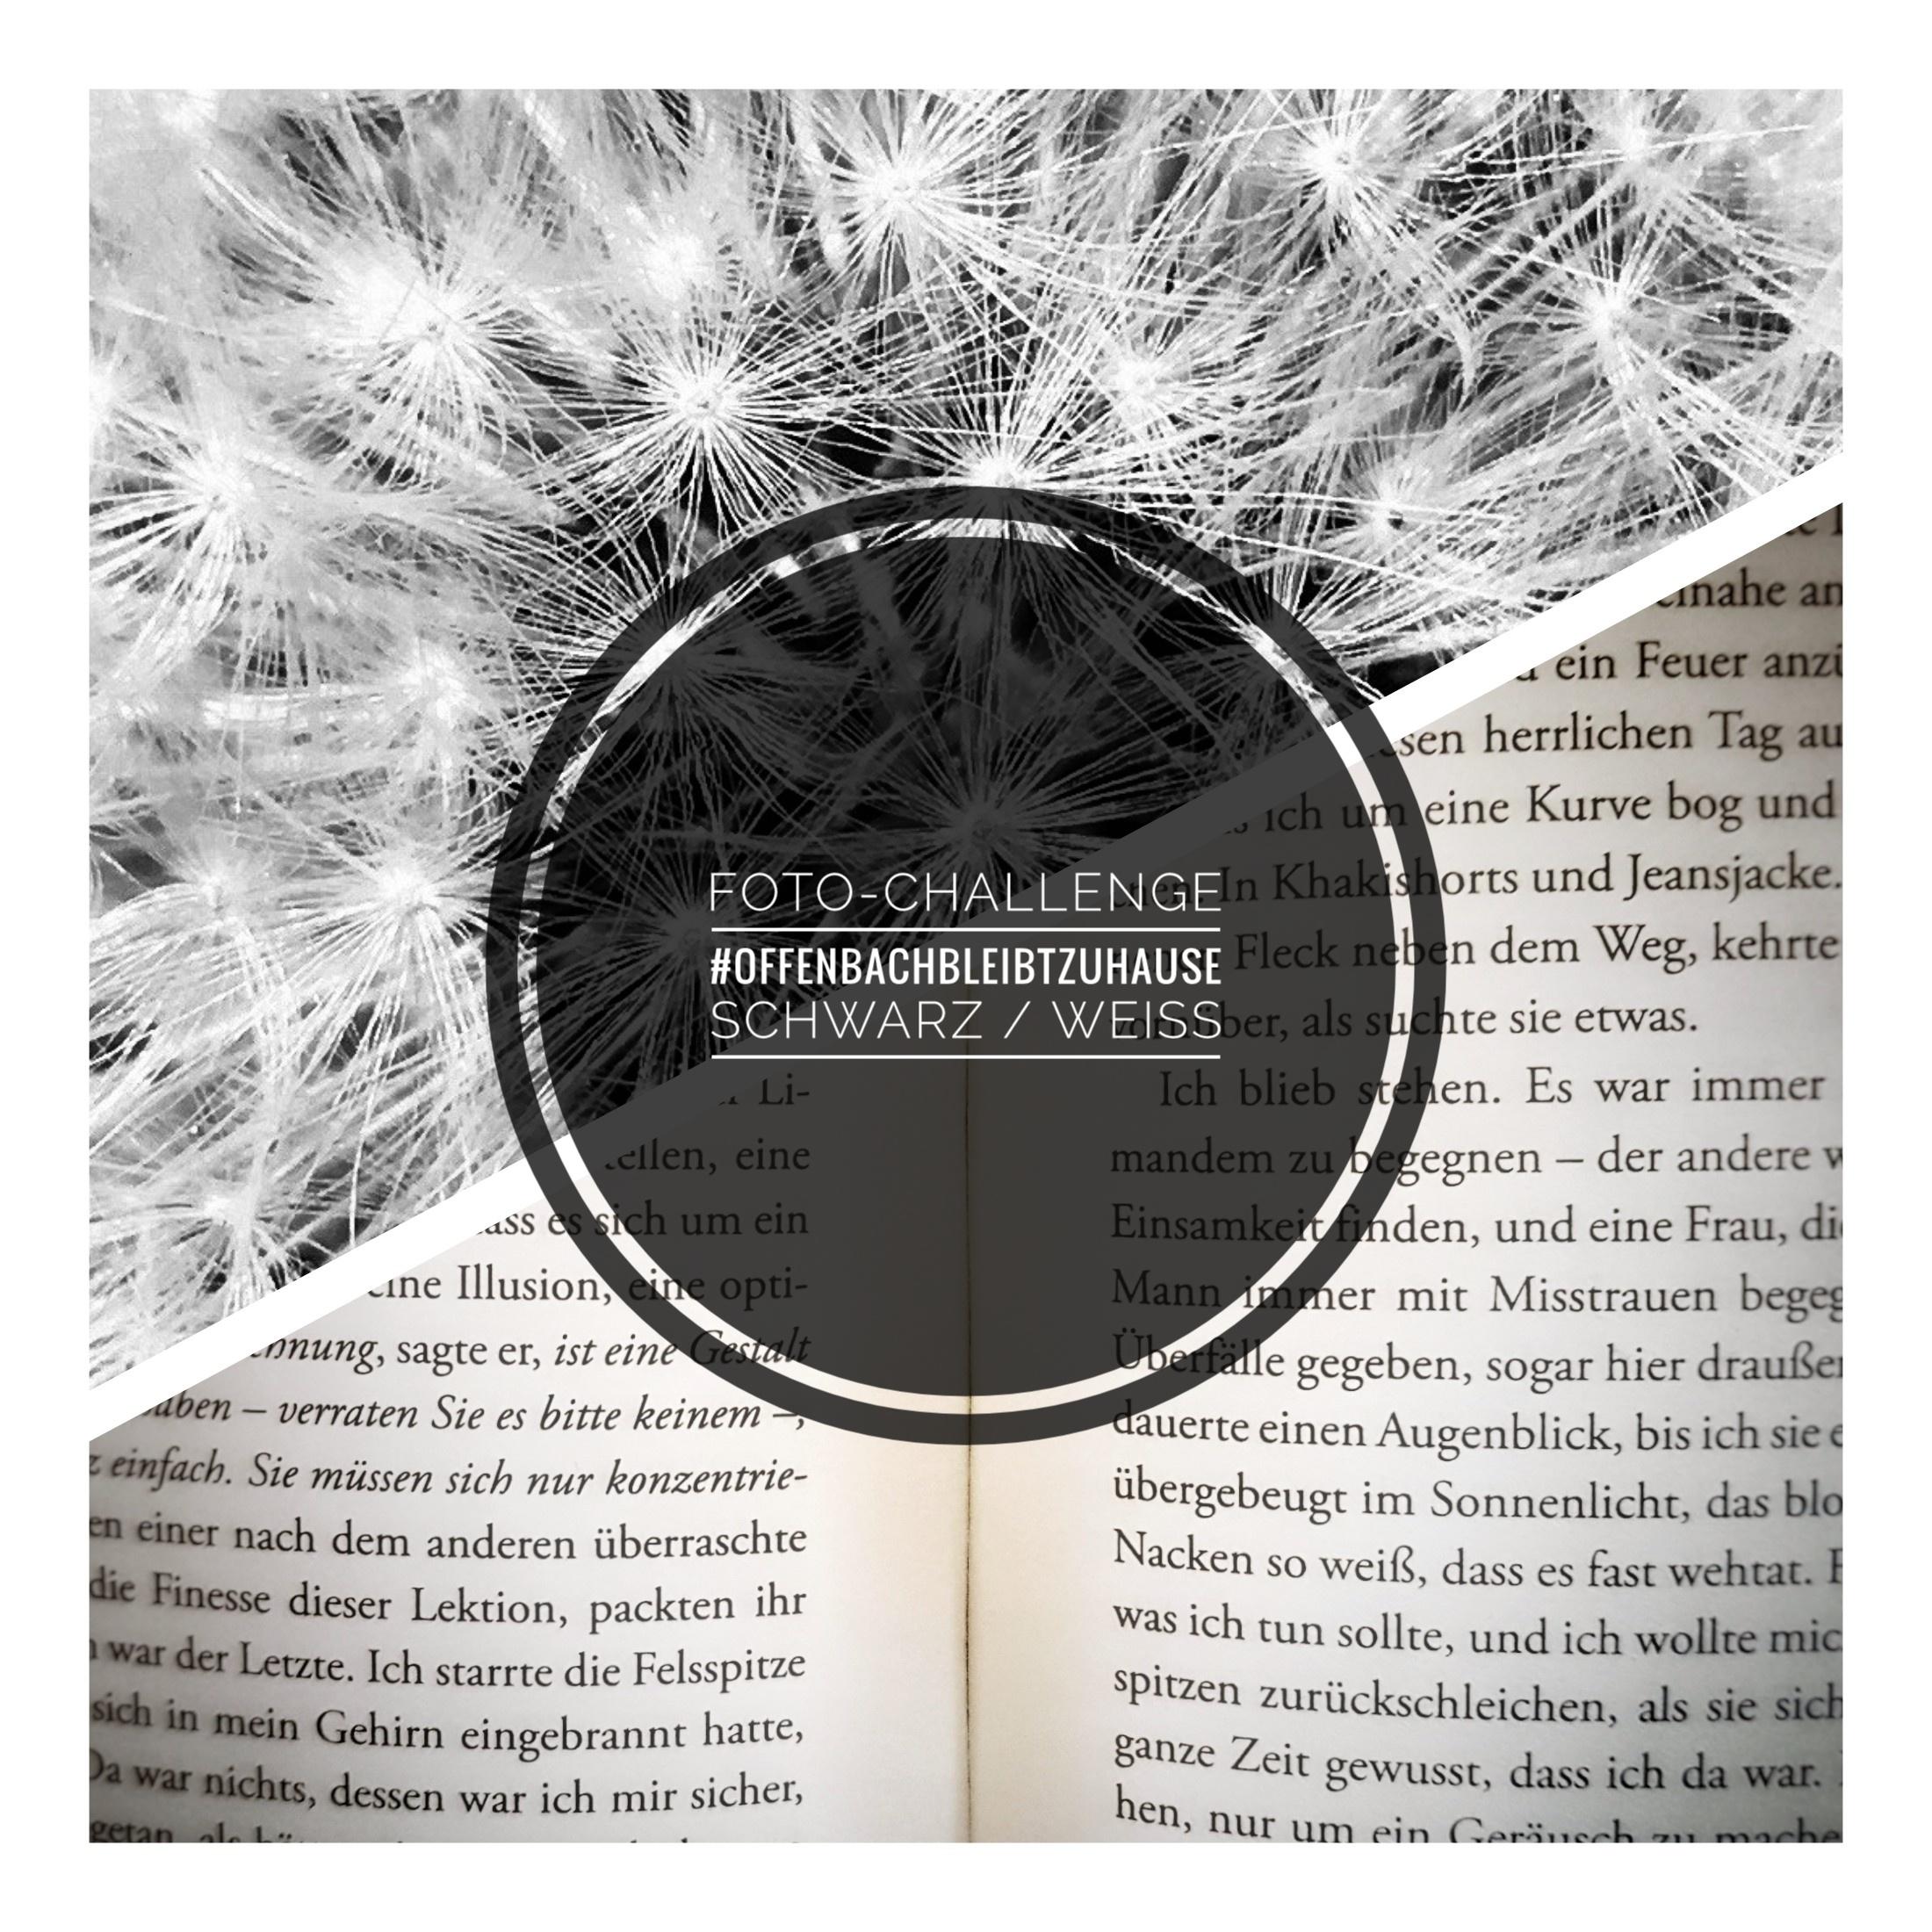 Foto-Challenge Schwarz / Weiß